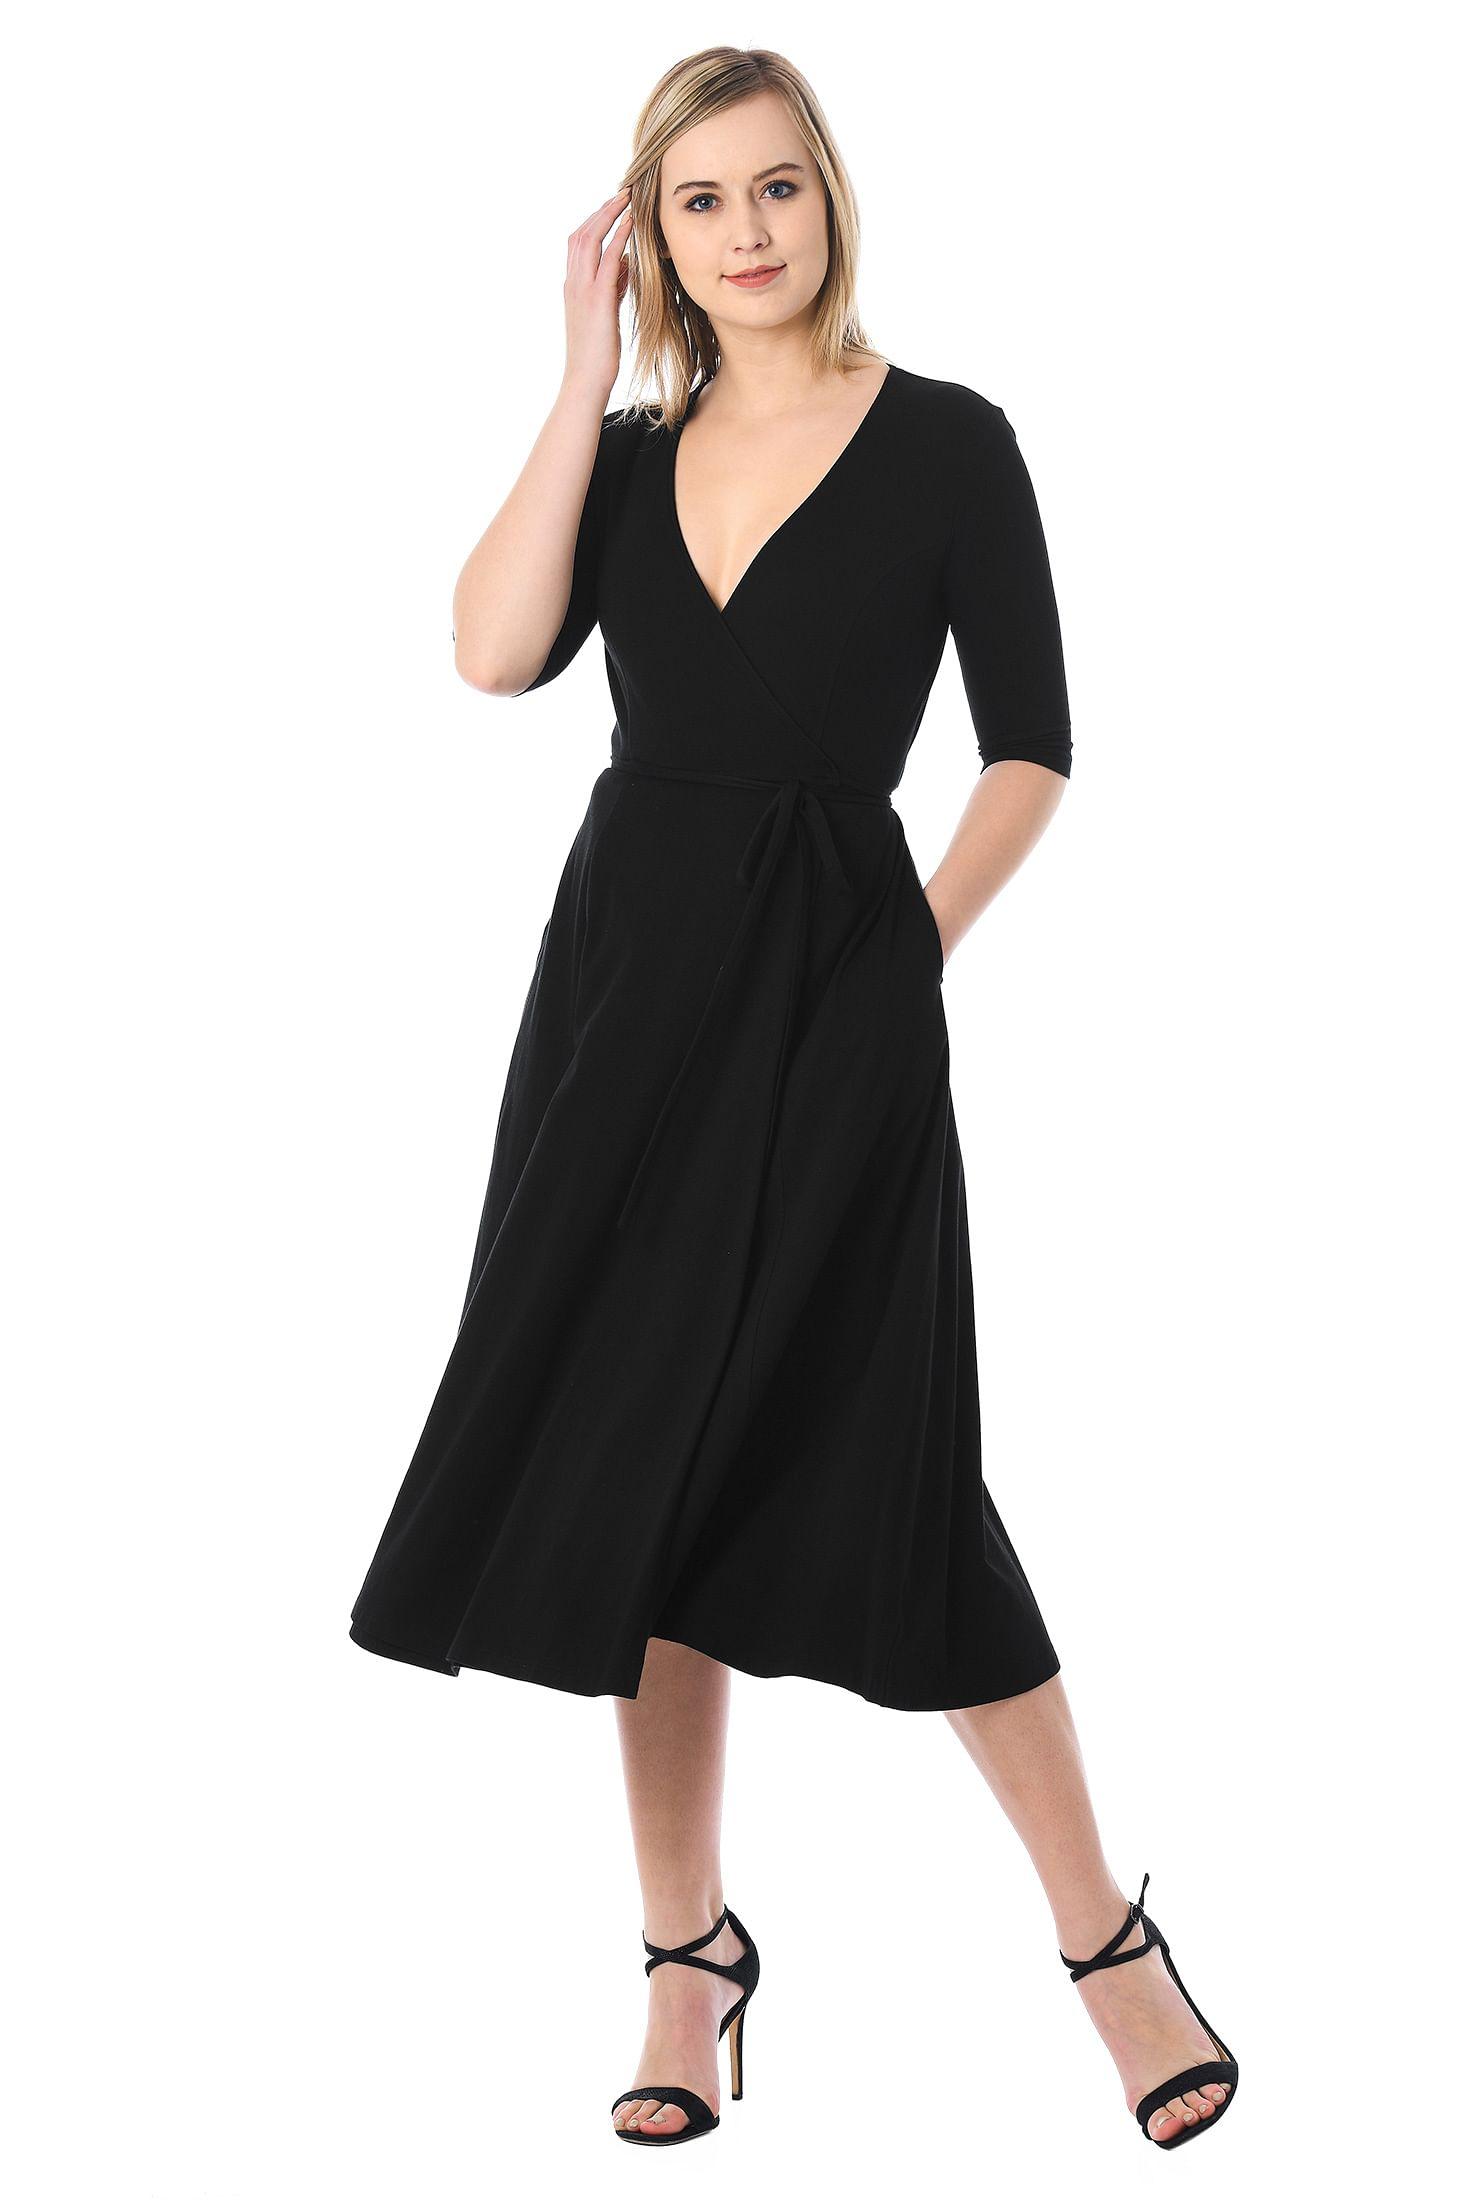 ba5c151b6 black dresses, cotton/spandex Dresses, jersey knit dresses, machine wash  dresses